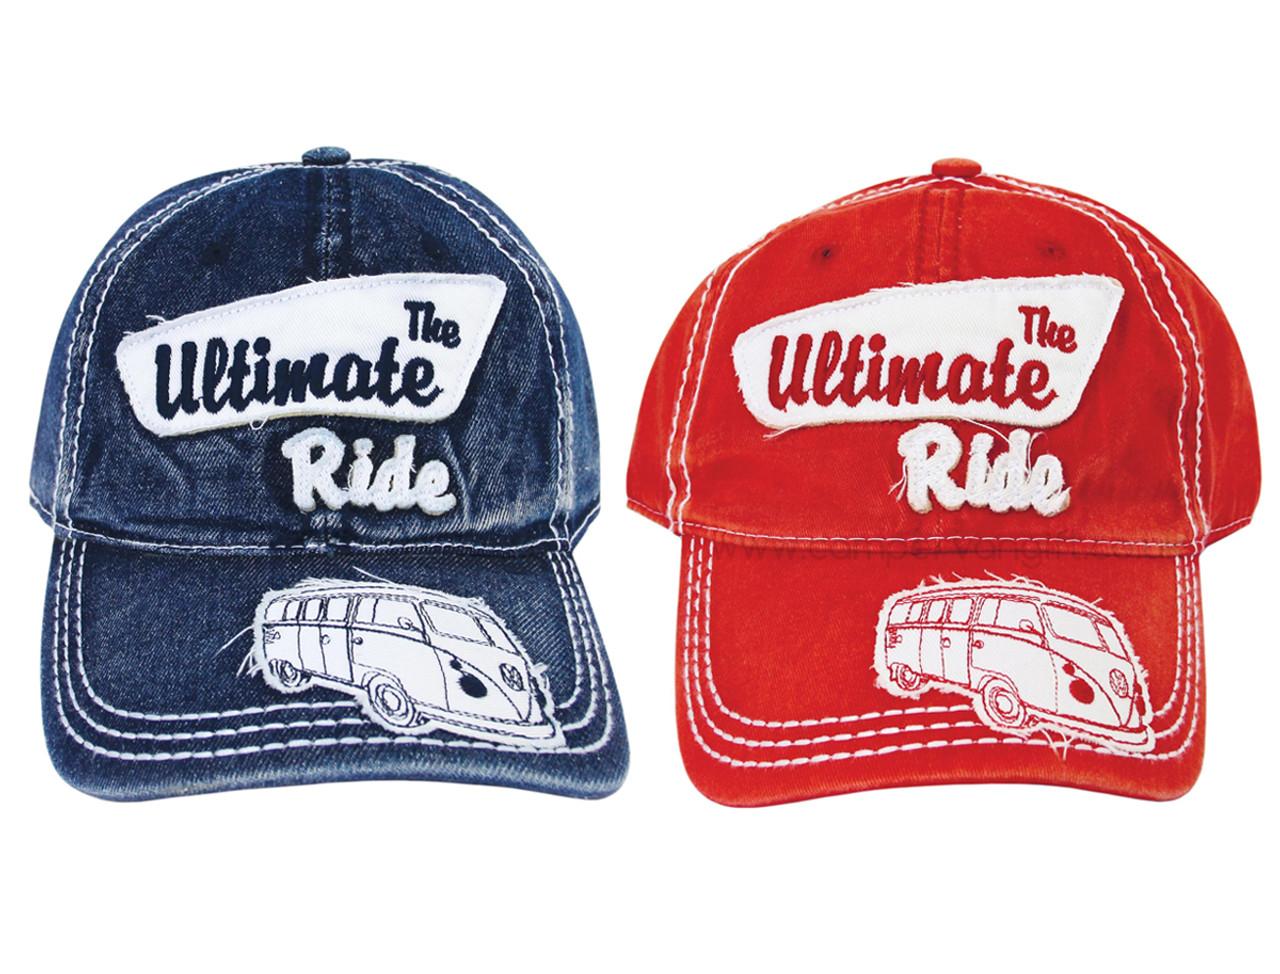 Official VW The Ultimate Ride Campervan Cap - Campervan Gift Ltd 386940ede63